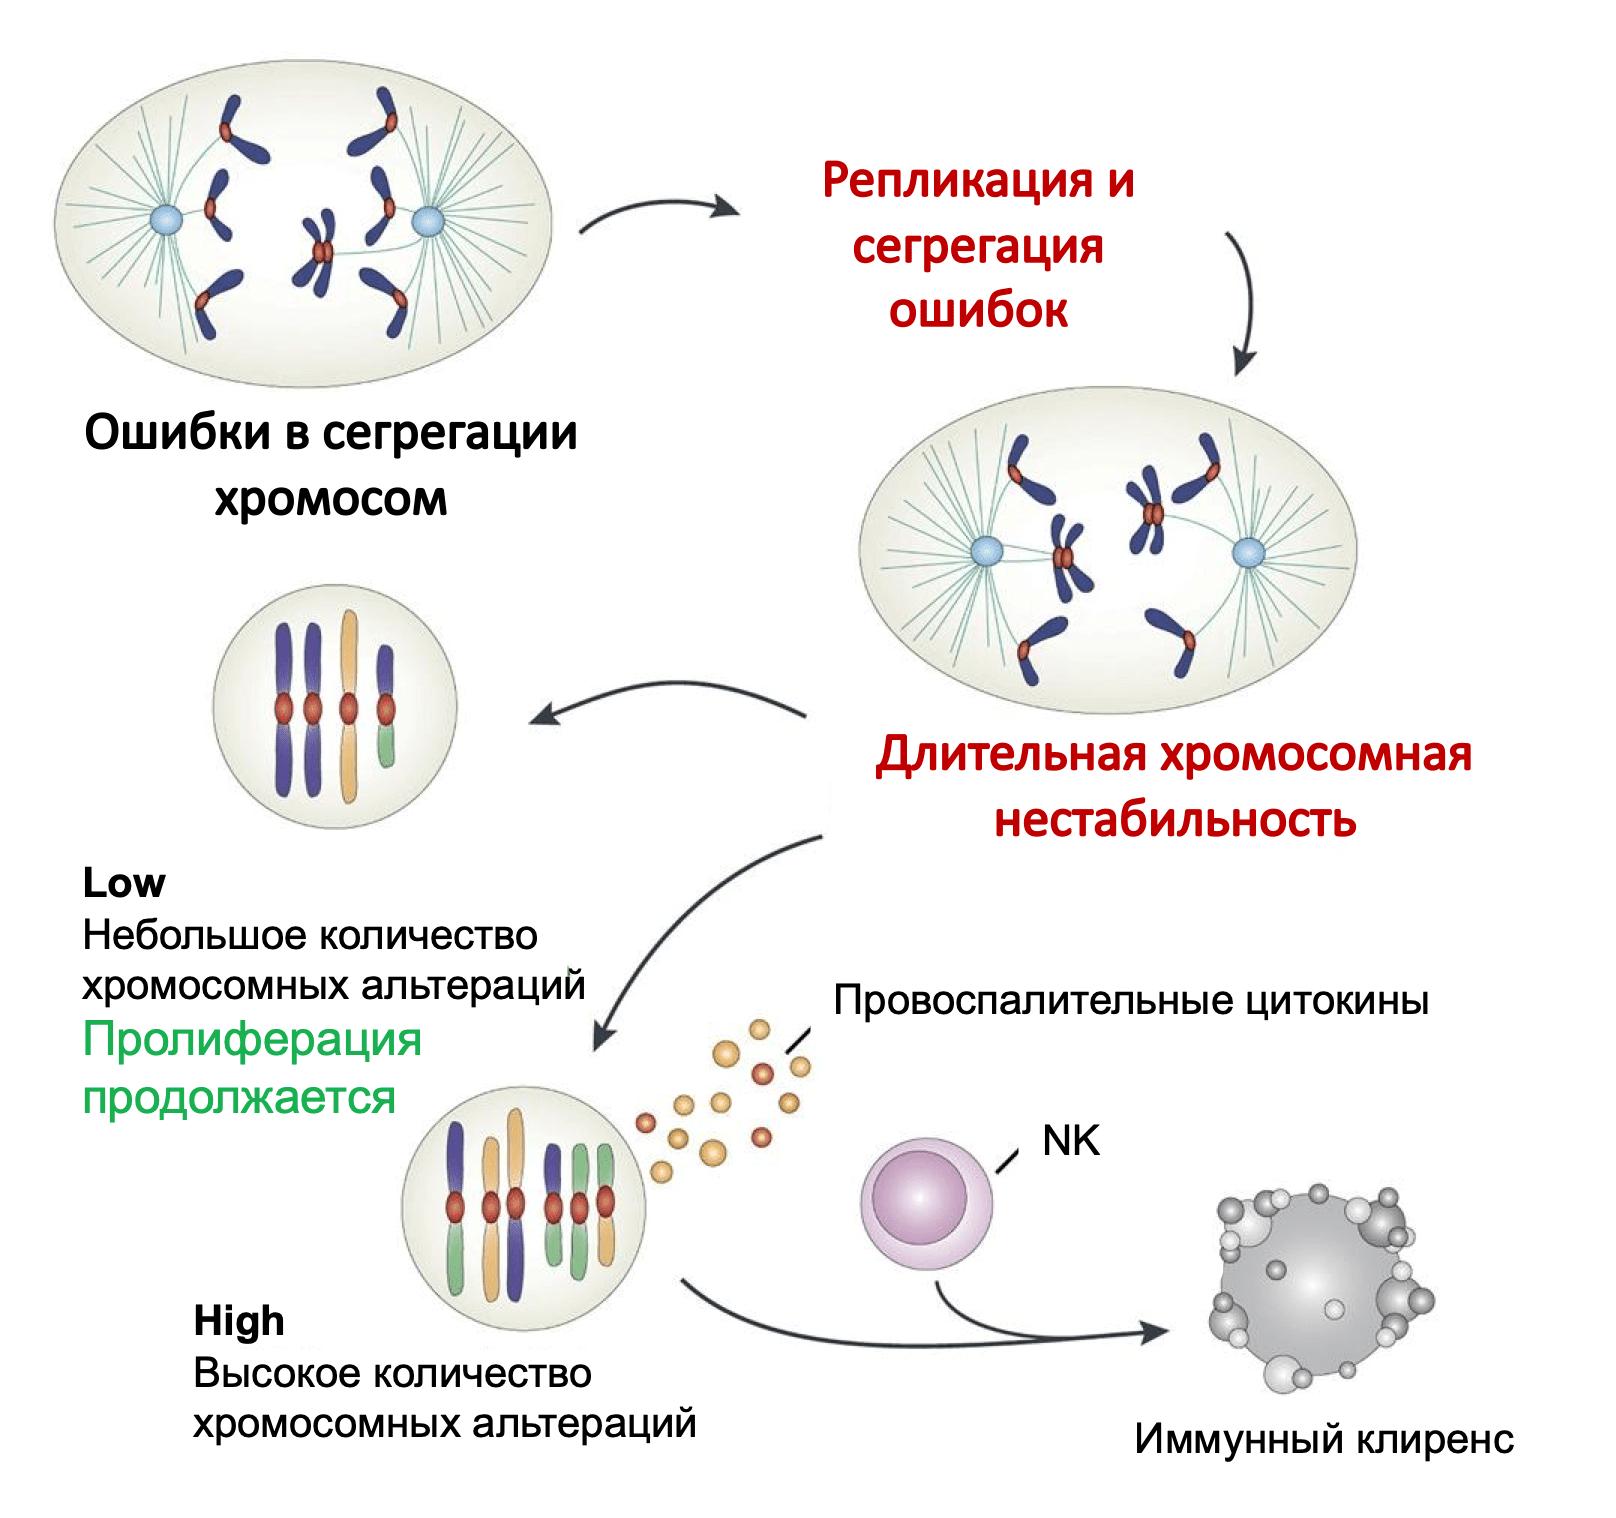 Развитие хромосомной нестабильности